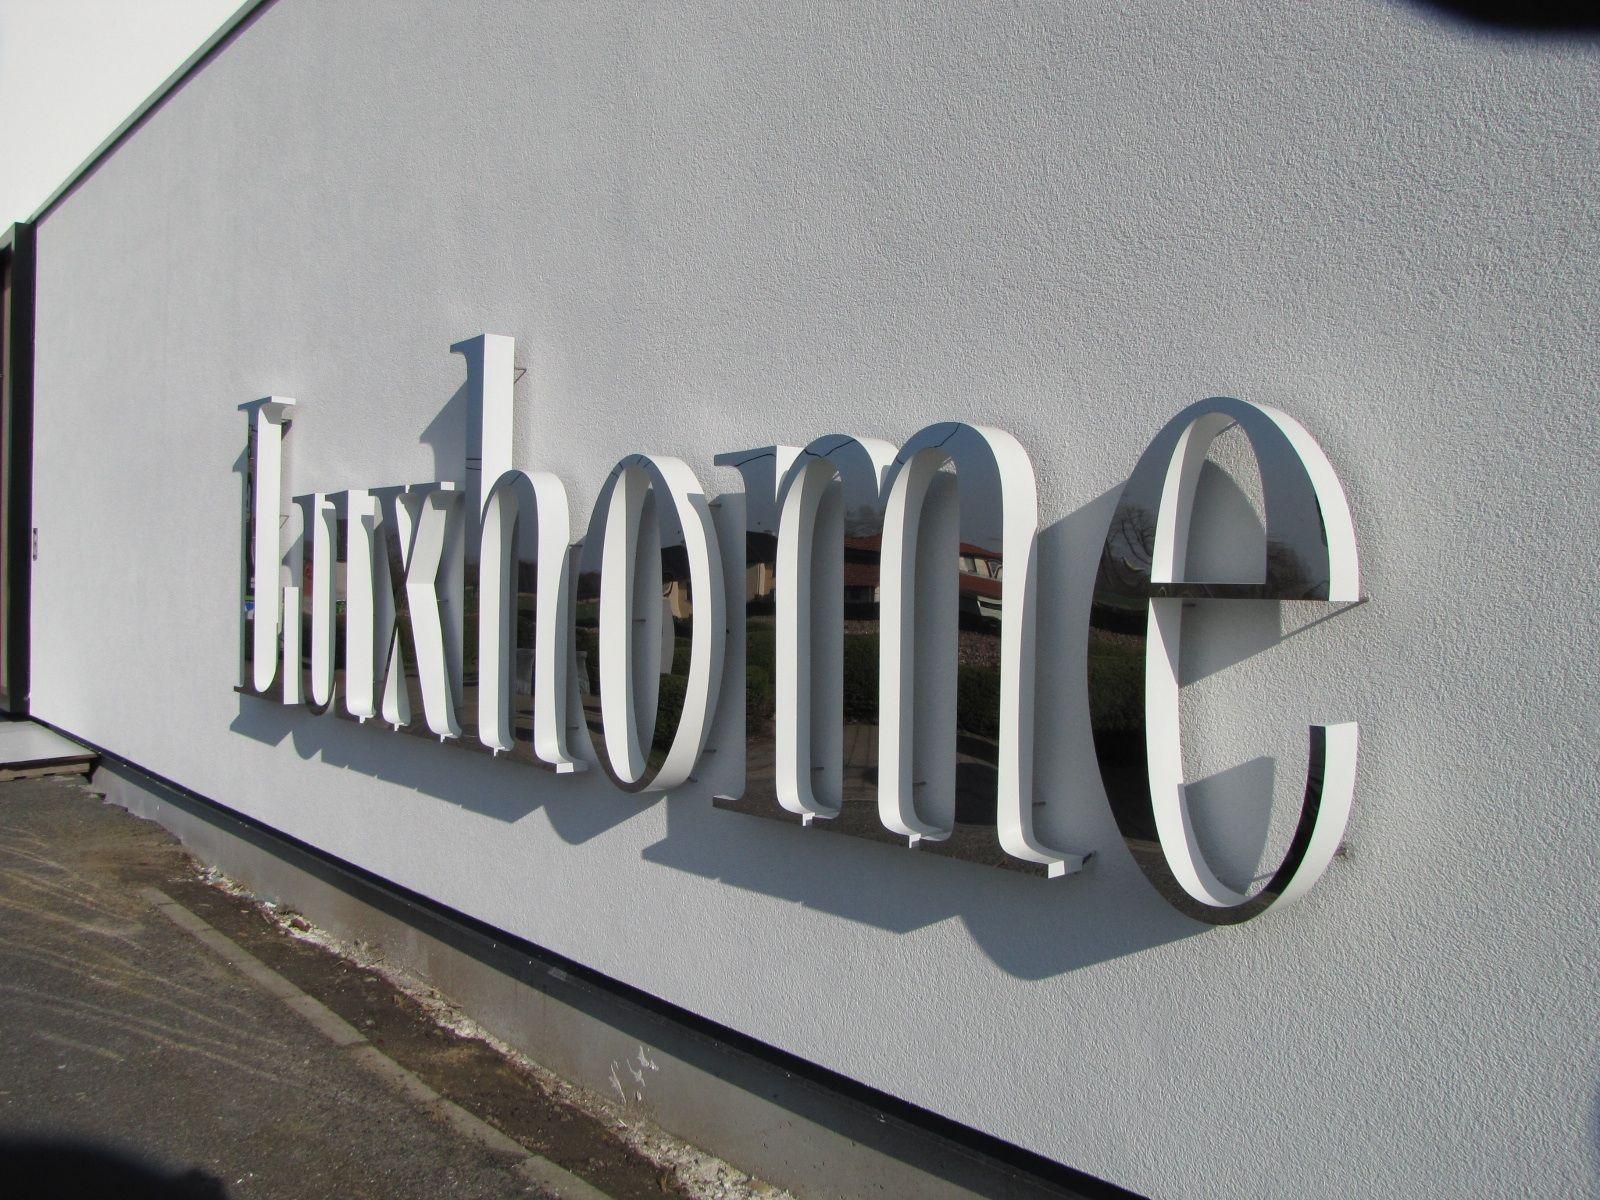 Luxhome be gavere belgium ontwerp en realisatie van